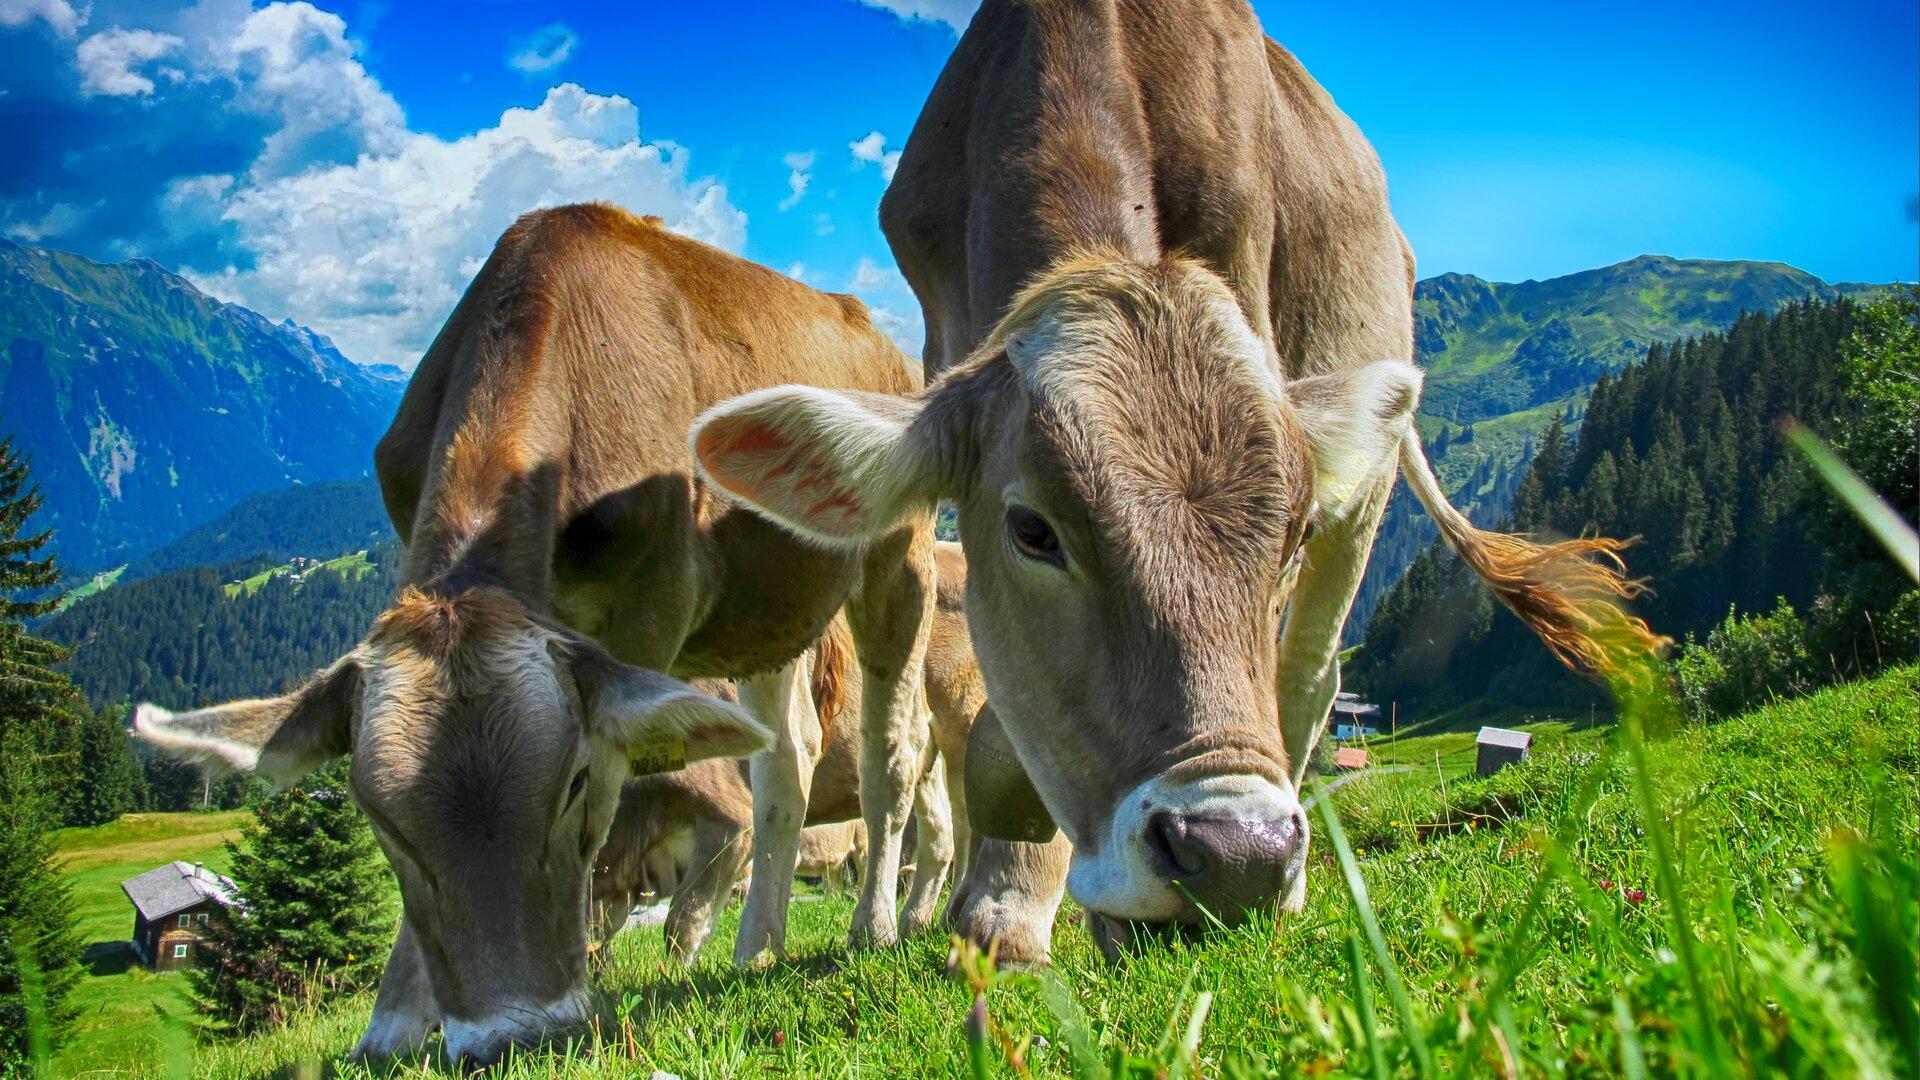 Ilustracja przedstawia trzy krowy – dwie znajdujące się na pierwszym planie ijedną stojącą za nimi. Krowy mają jasnobrązowy kolor sierści. Krowy pasą się na zielonej łące, znajdującej się na wzniesieniu. Za nimi rozpościera się malowniczy widok na góry. Jest piękny, słoneczny dzień.